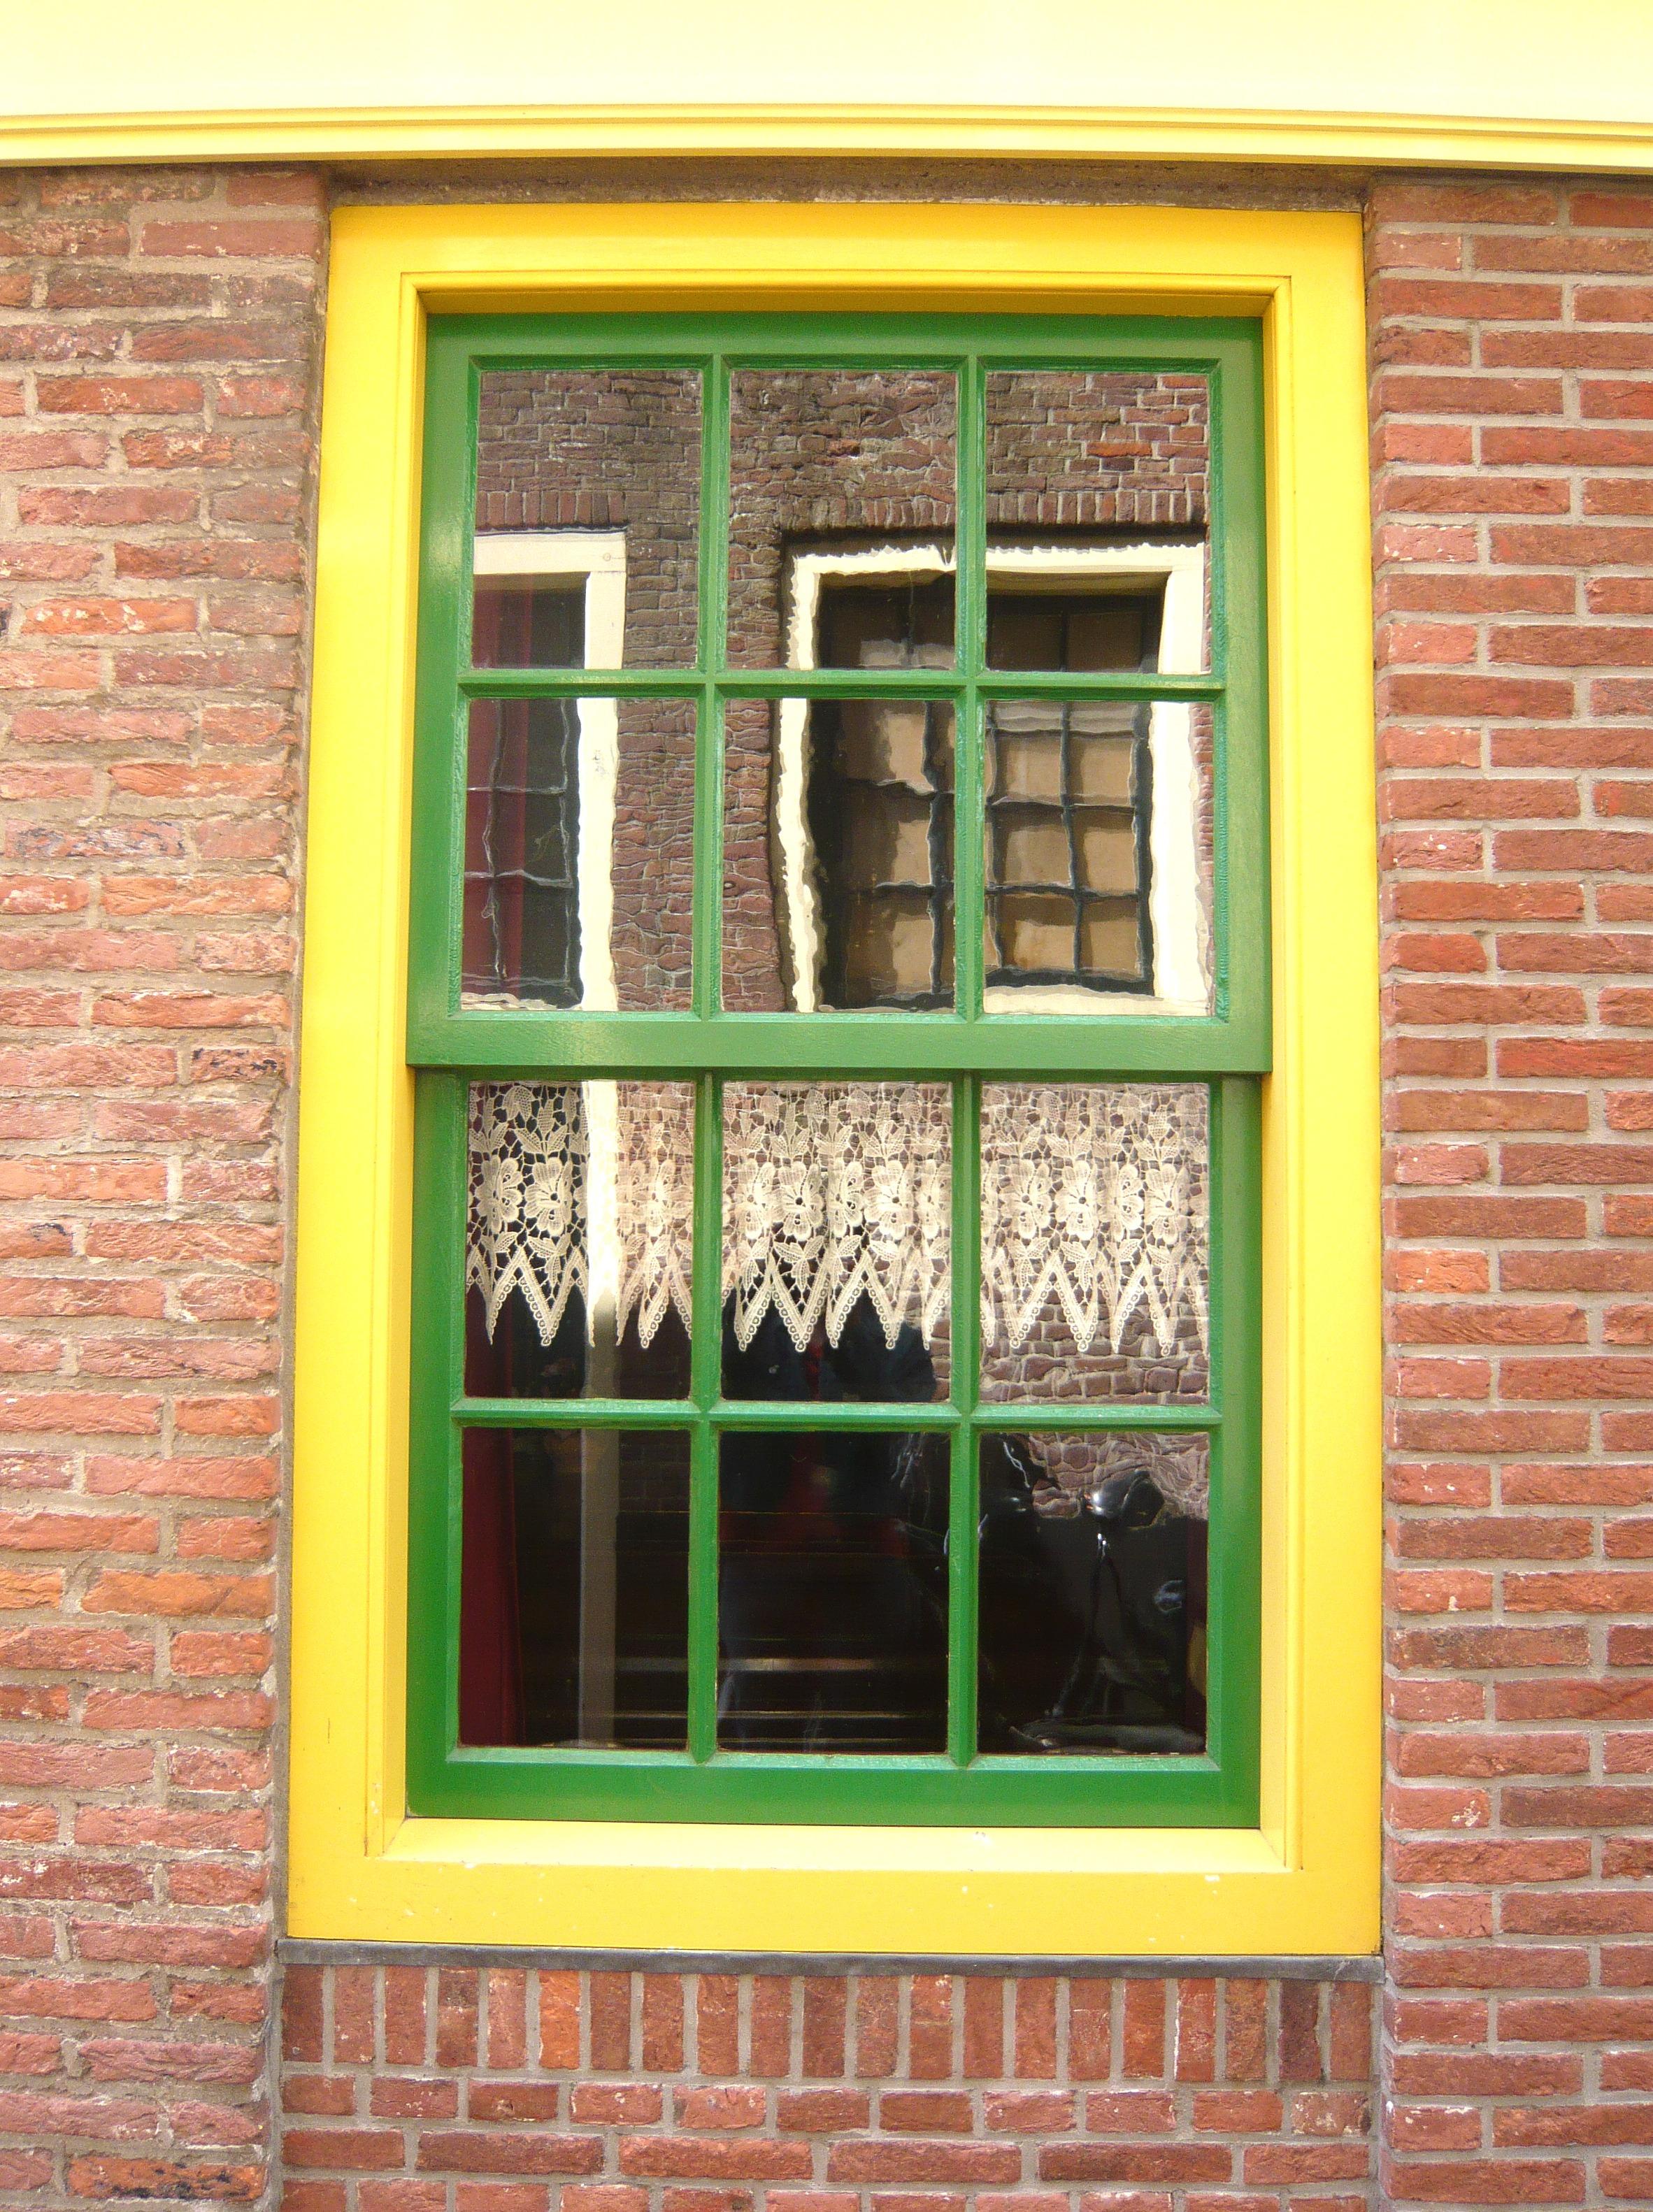 Fenster Mauer Grün Farbe Fassade Eigentum Gelb Ziegel Tür Innenarchitektur  Amsterdam Reflexion Im Fenster Fensterverkleidung Schiebefenster